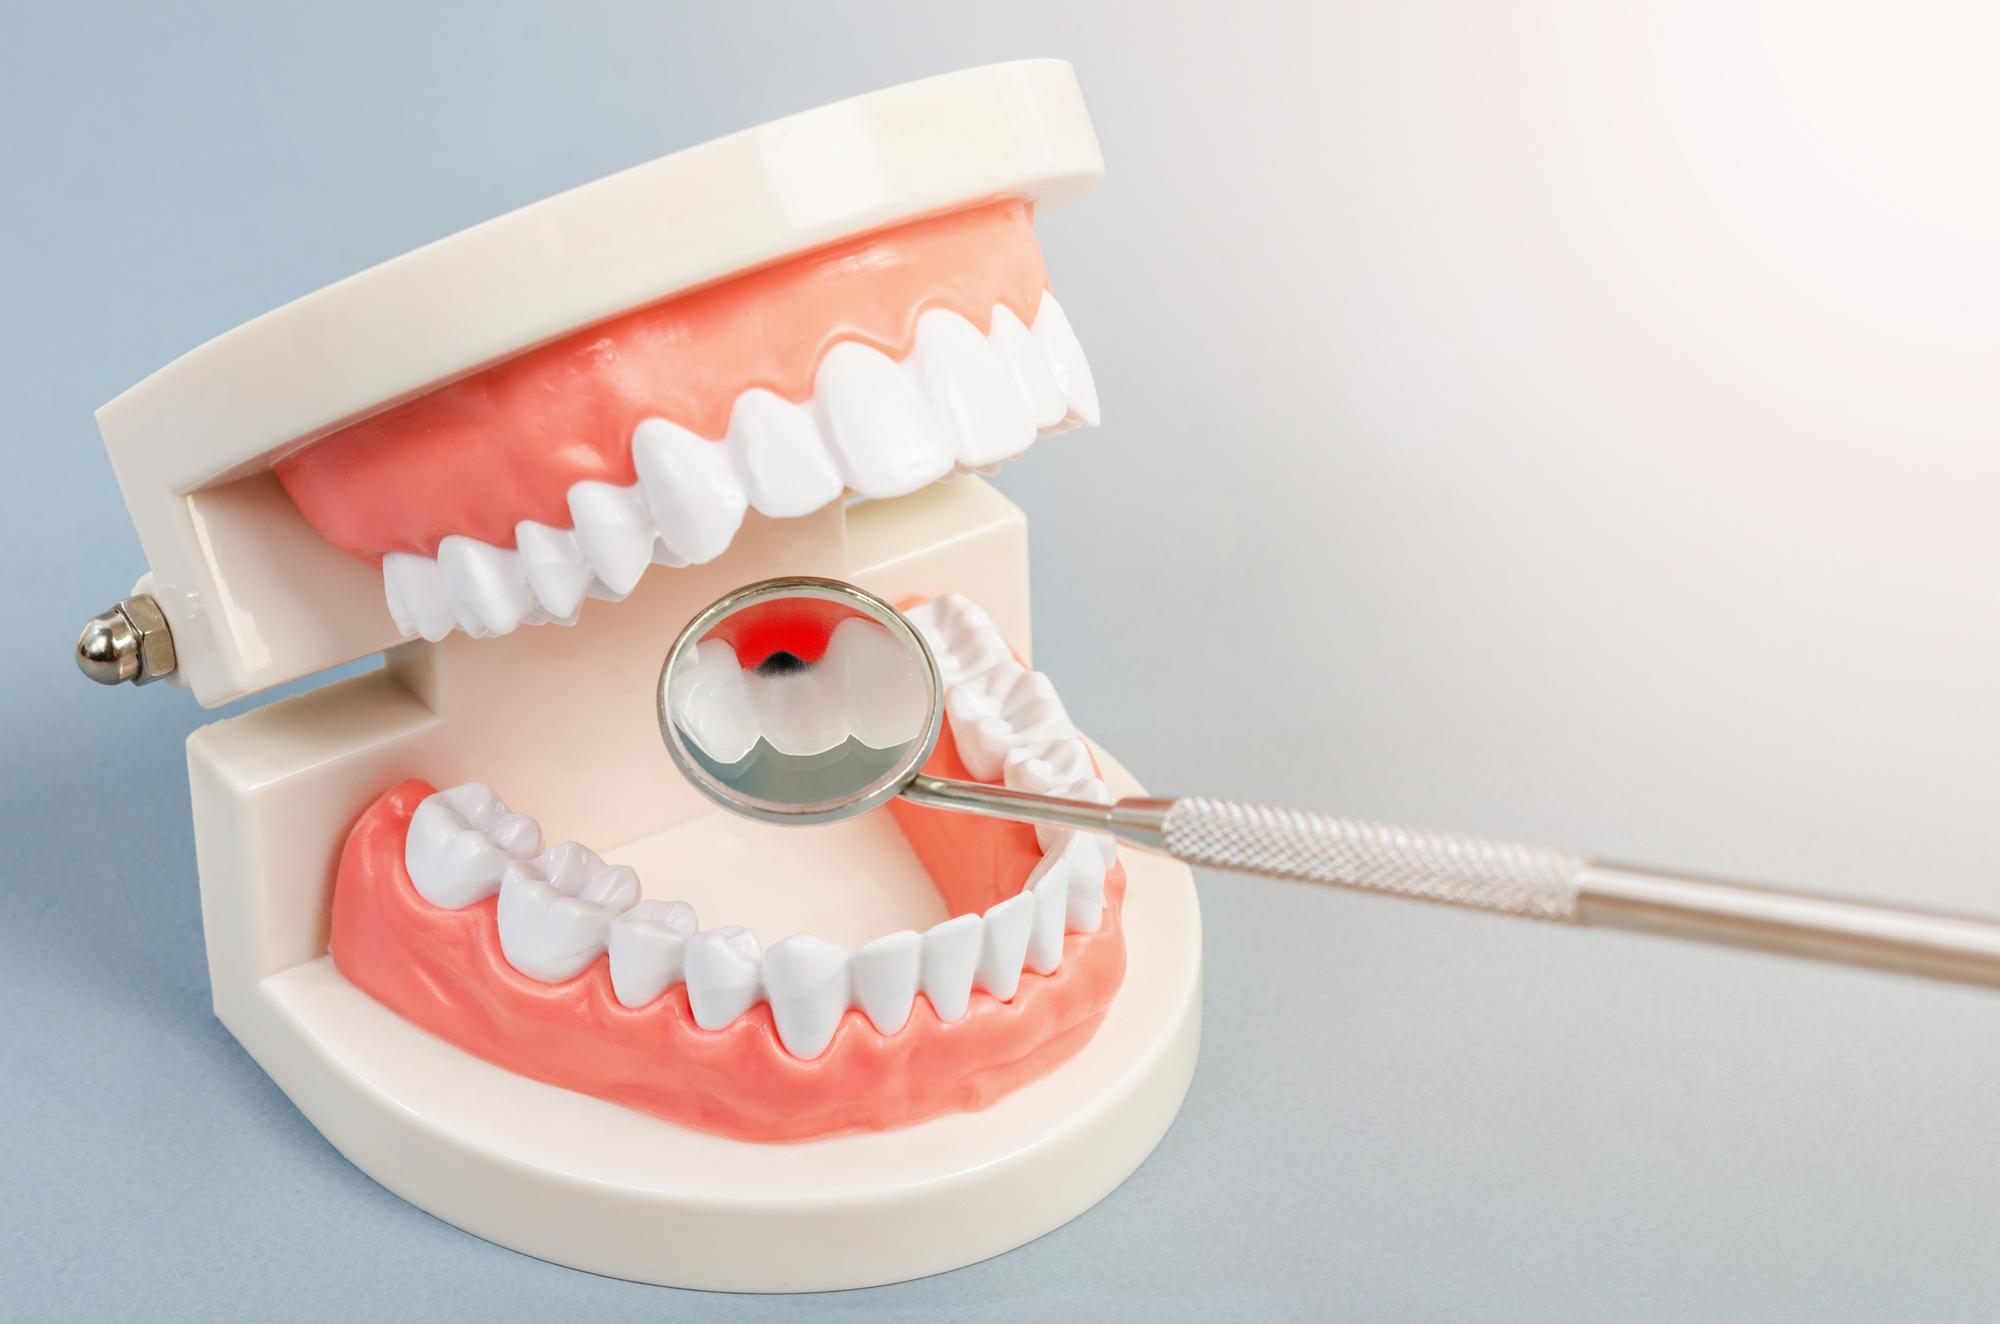 抜歯が可能